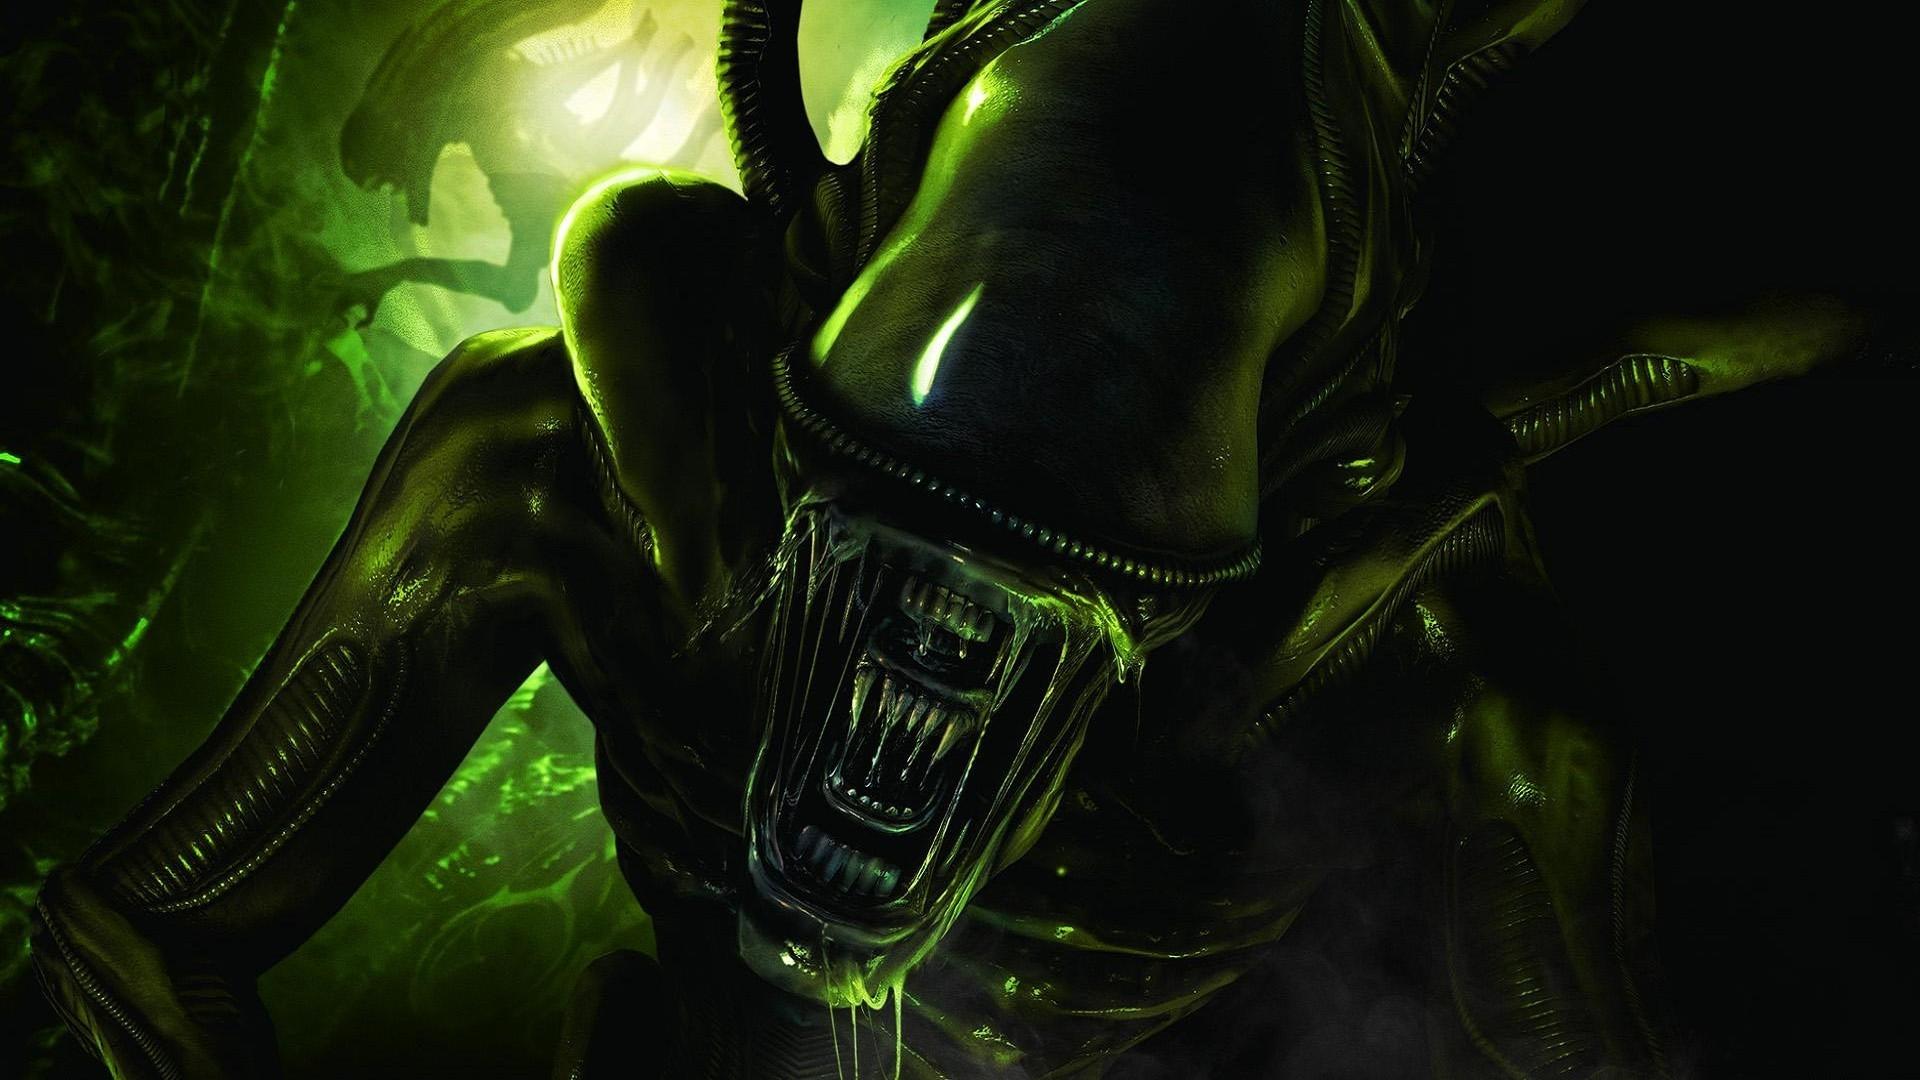 Alien wallpaper 5819 1920x1080